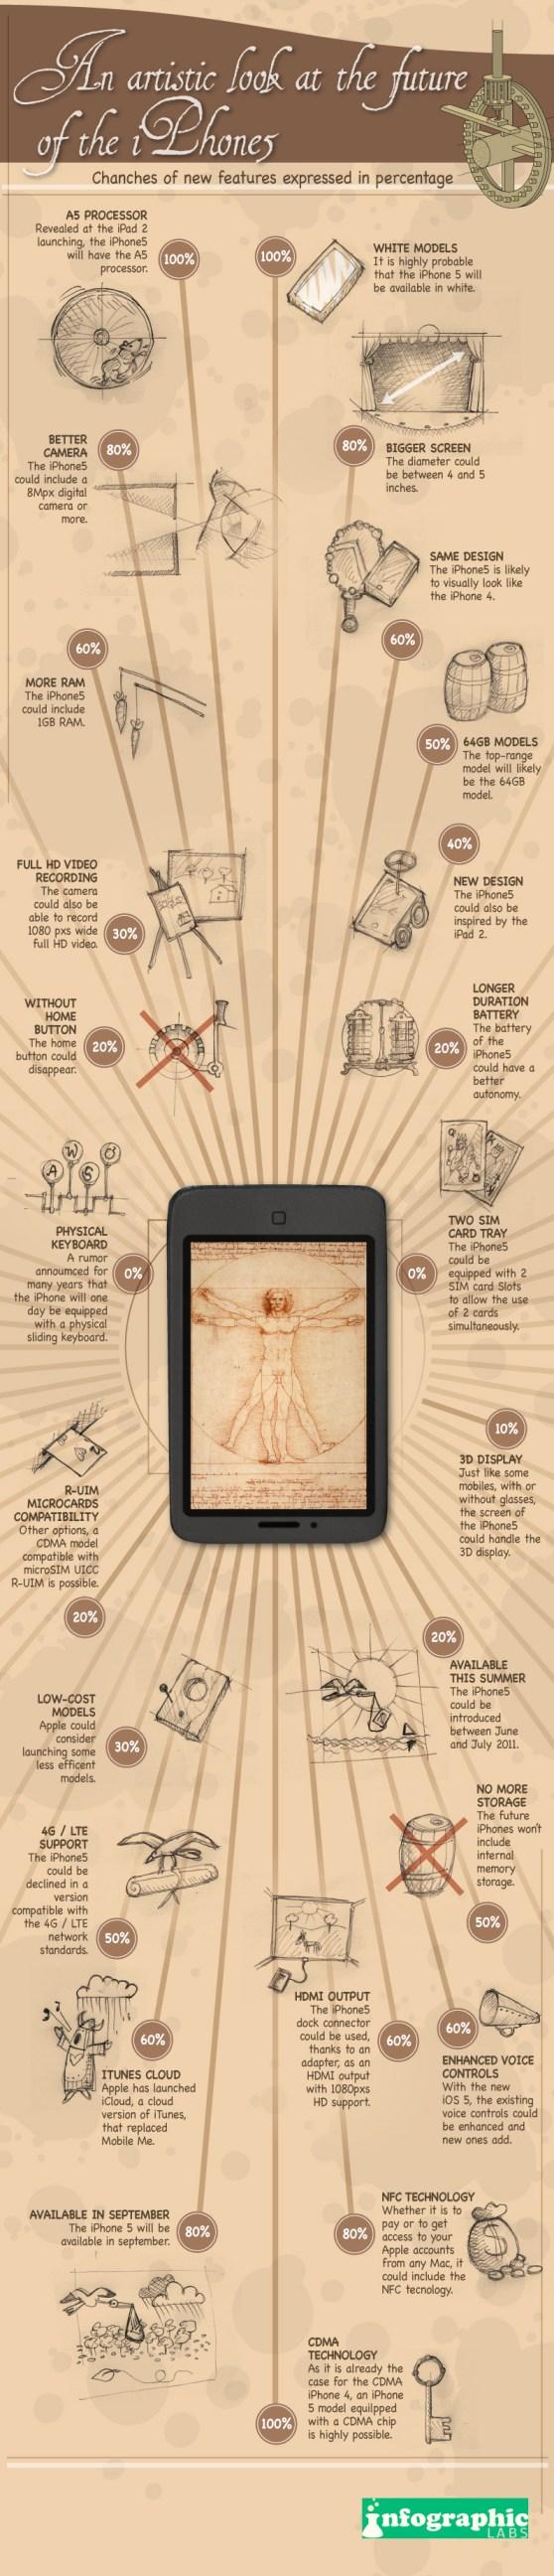 iPhone 5 Infographic Los rumores del iPhone 5 [Infografía]